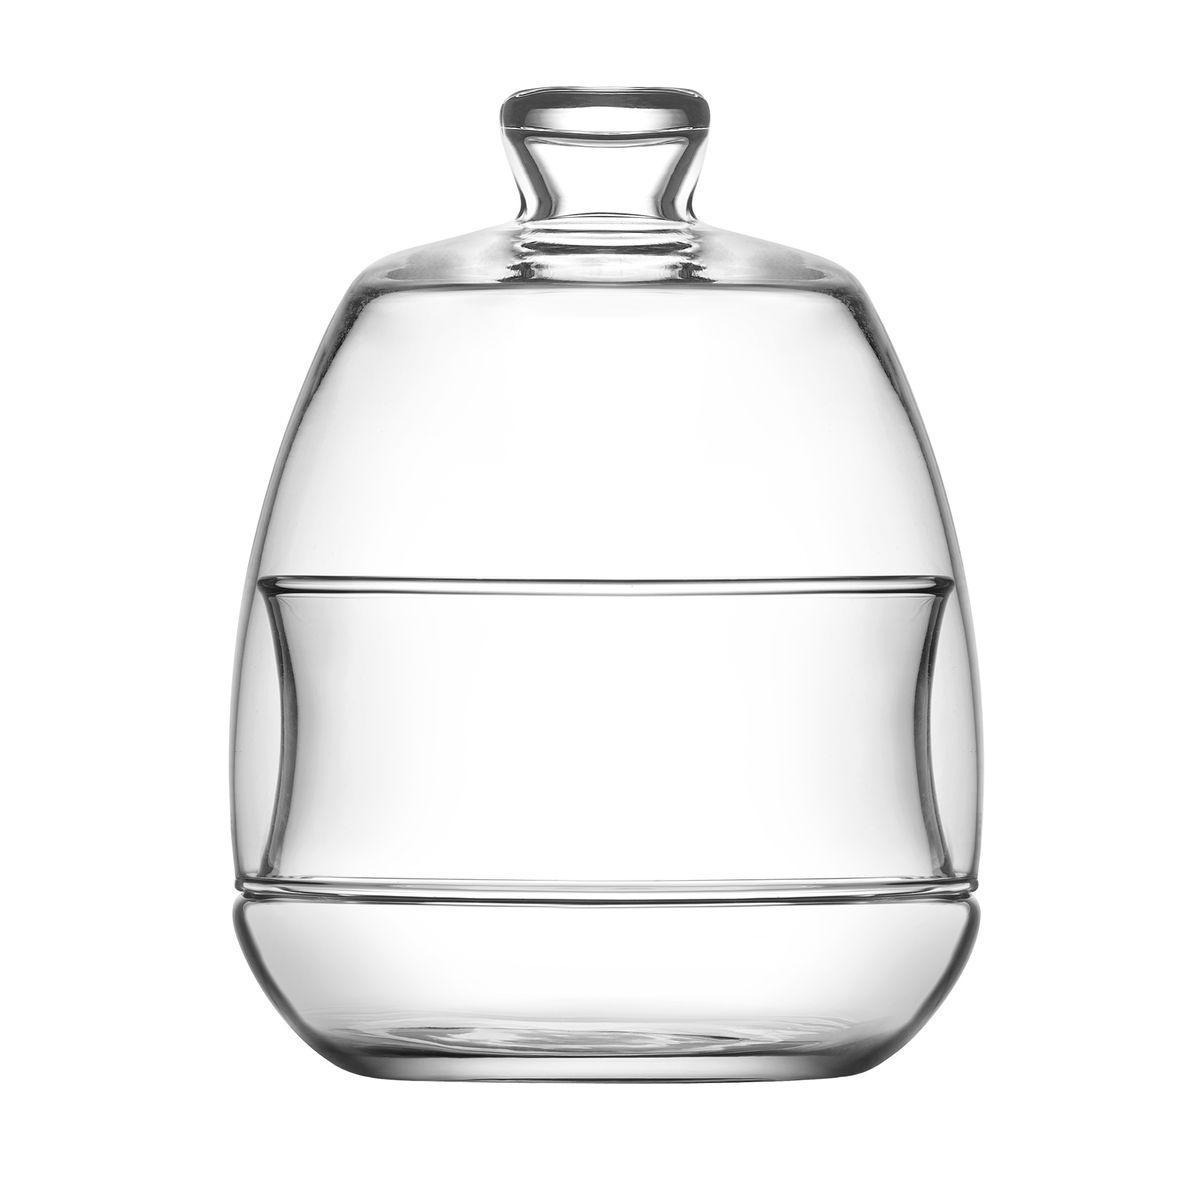 Bonbonnière en verre 0.25L avec cloche - LAV